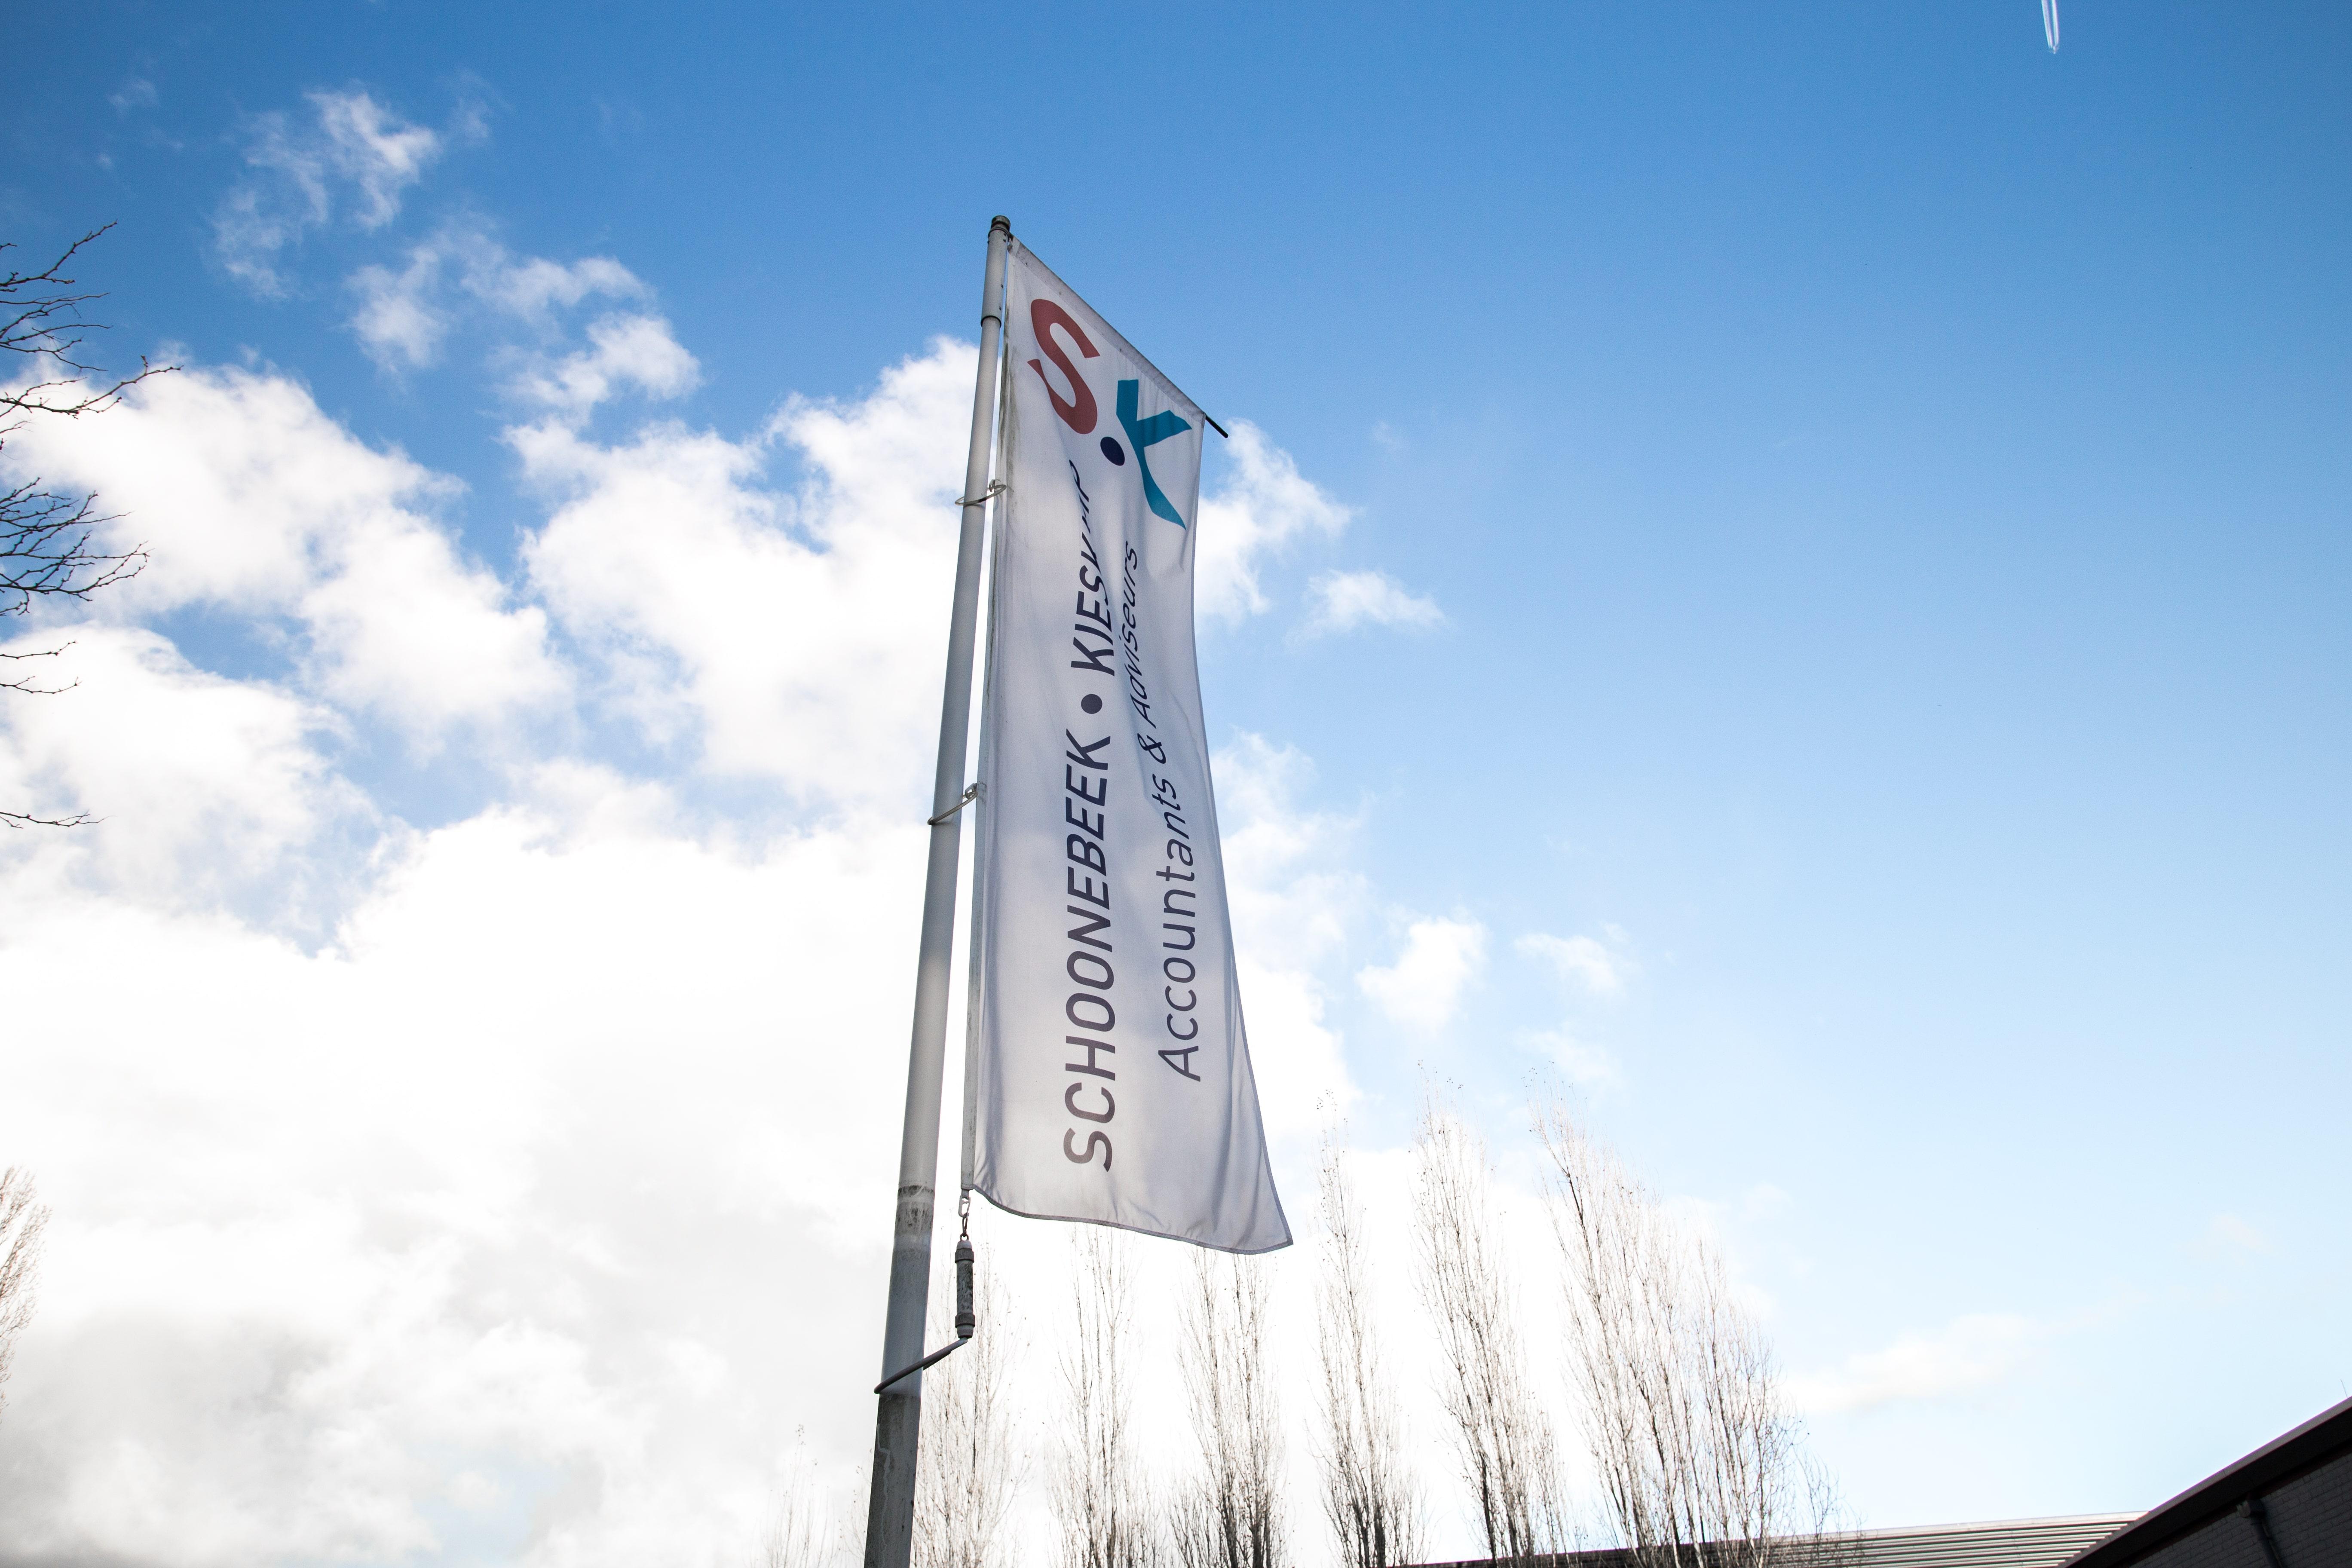 Letterline Reclame Epe | vlaggen en banieren - promotiemateriaal - masten